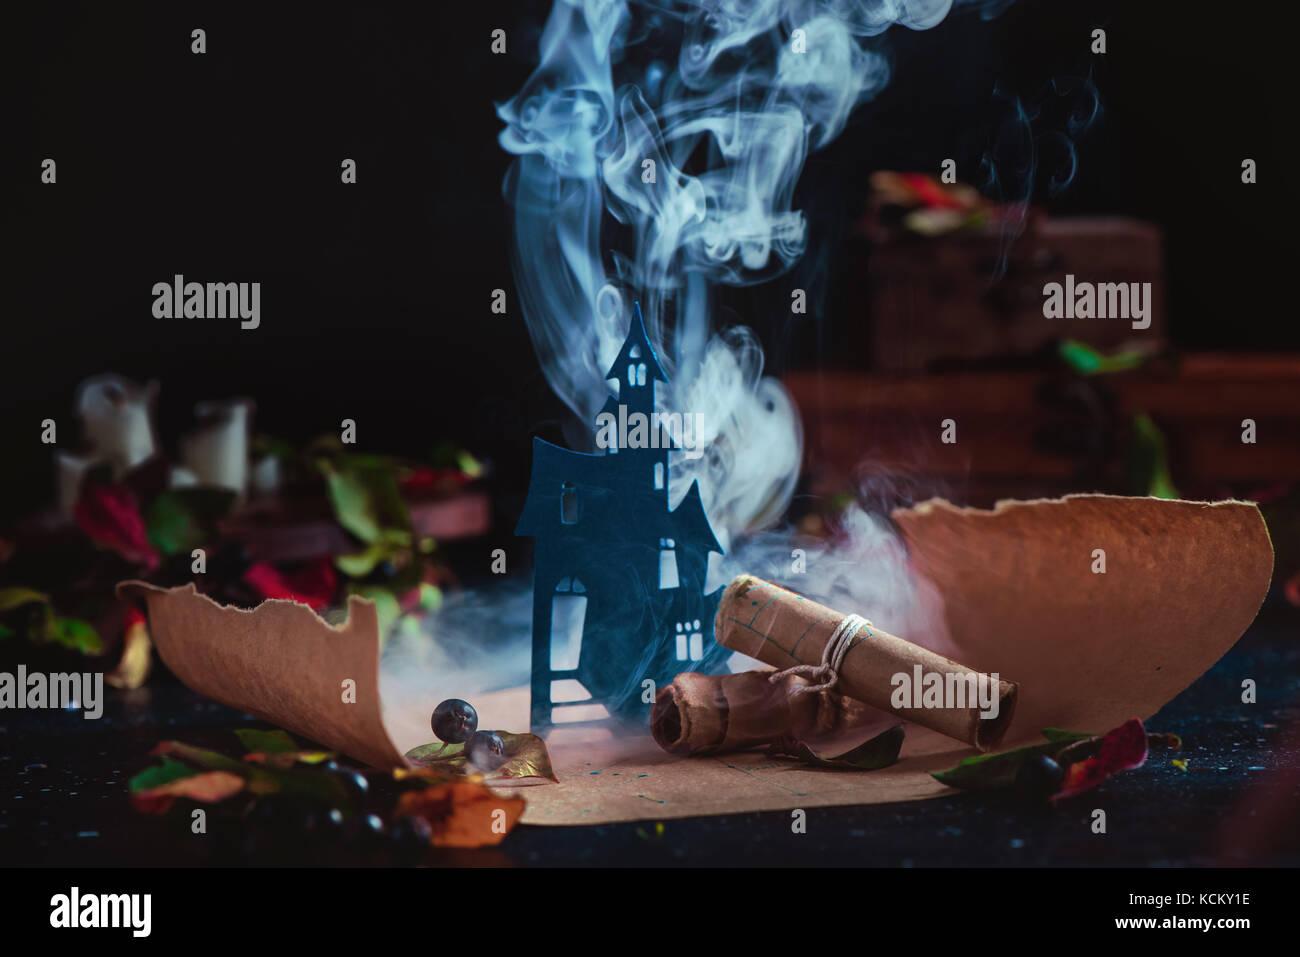 Haunted Castle en nubes de humo en una mágica. desplazamiento halloween conceptual bodegón con humo, wirards Imagen De Stock